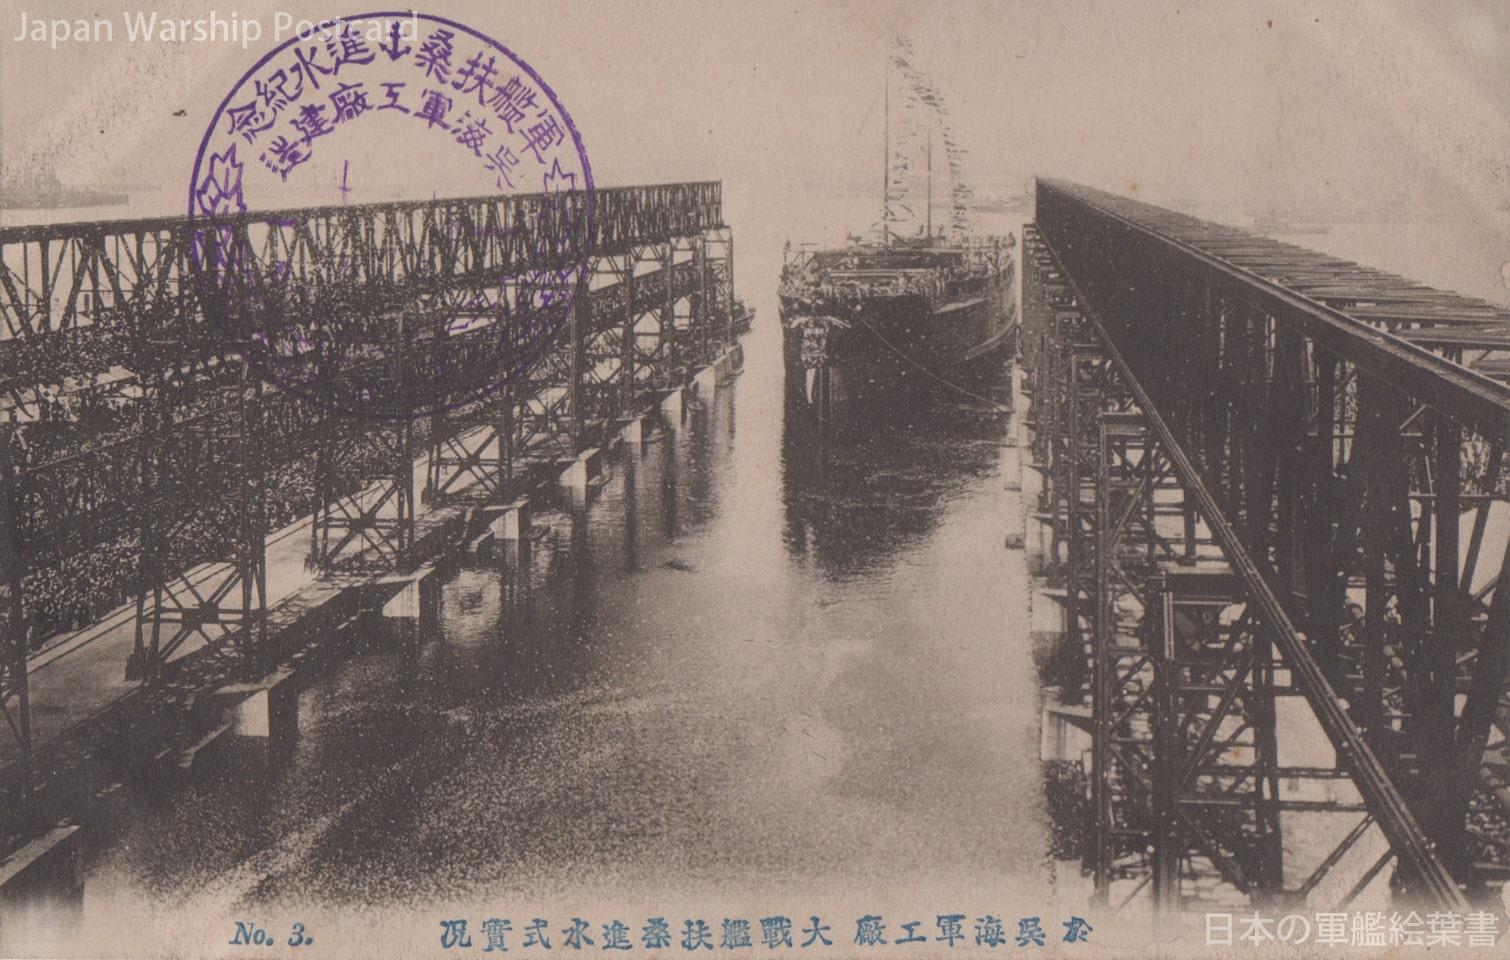 於呉海軍工廠 大戦艦扶桑進水式実況 No.3